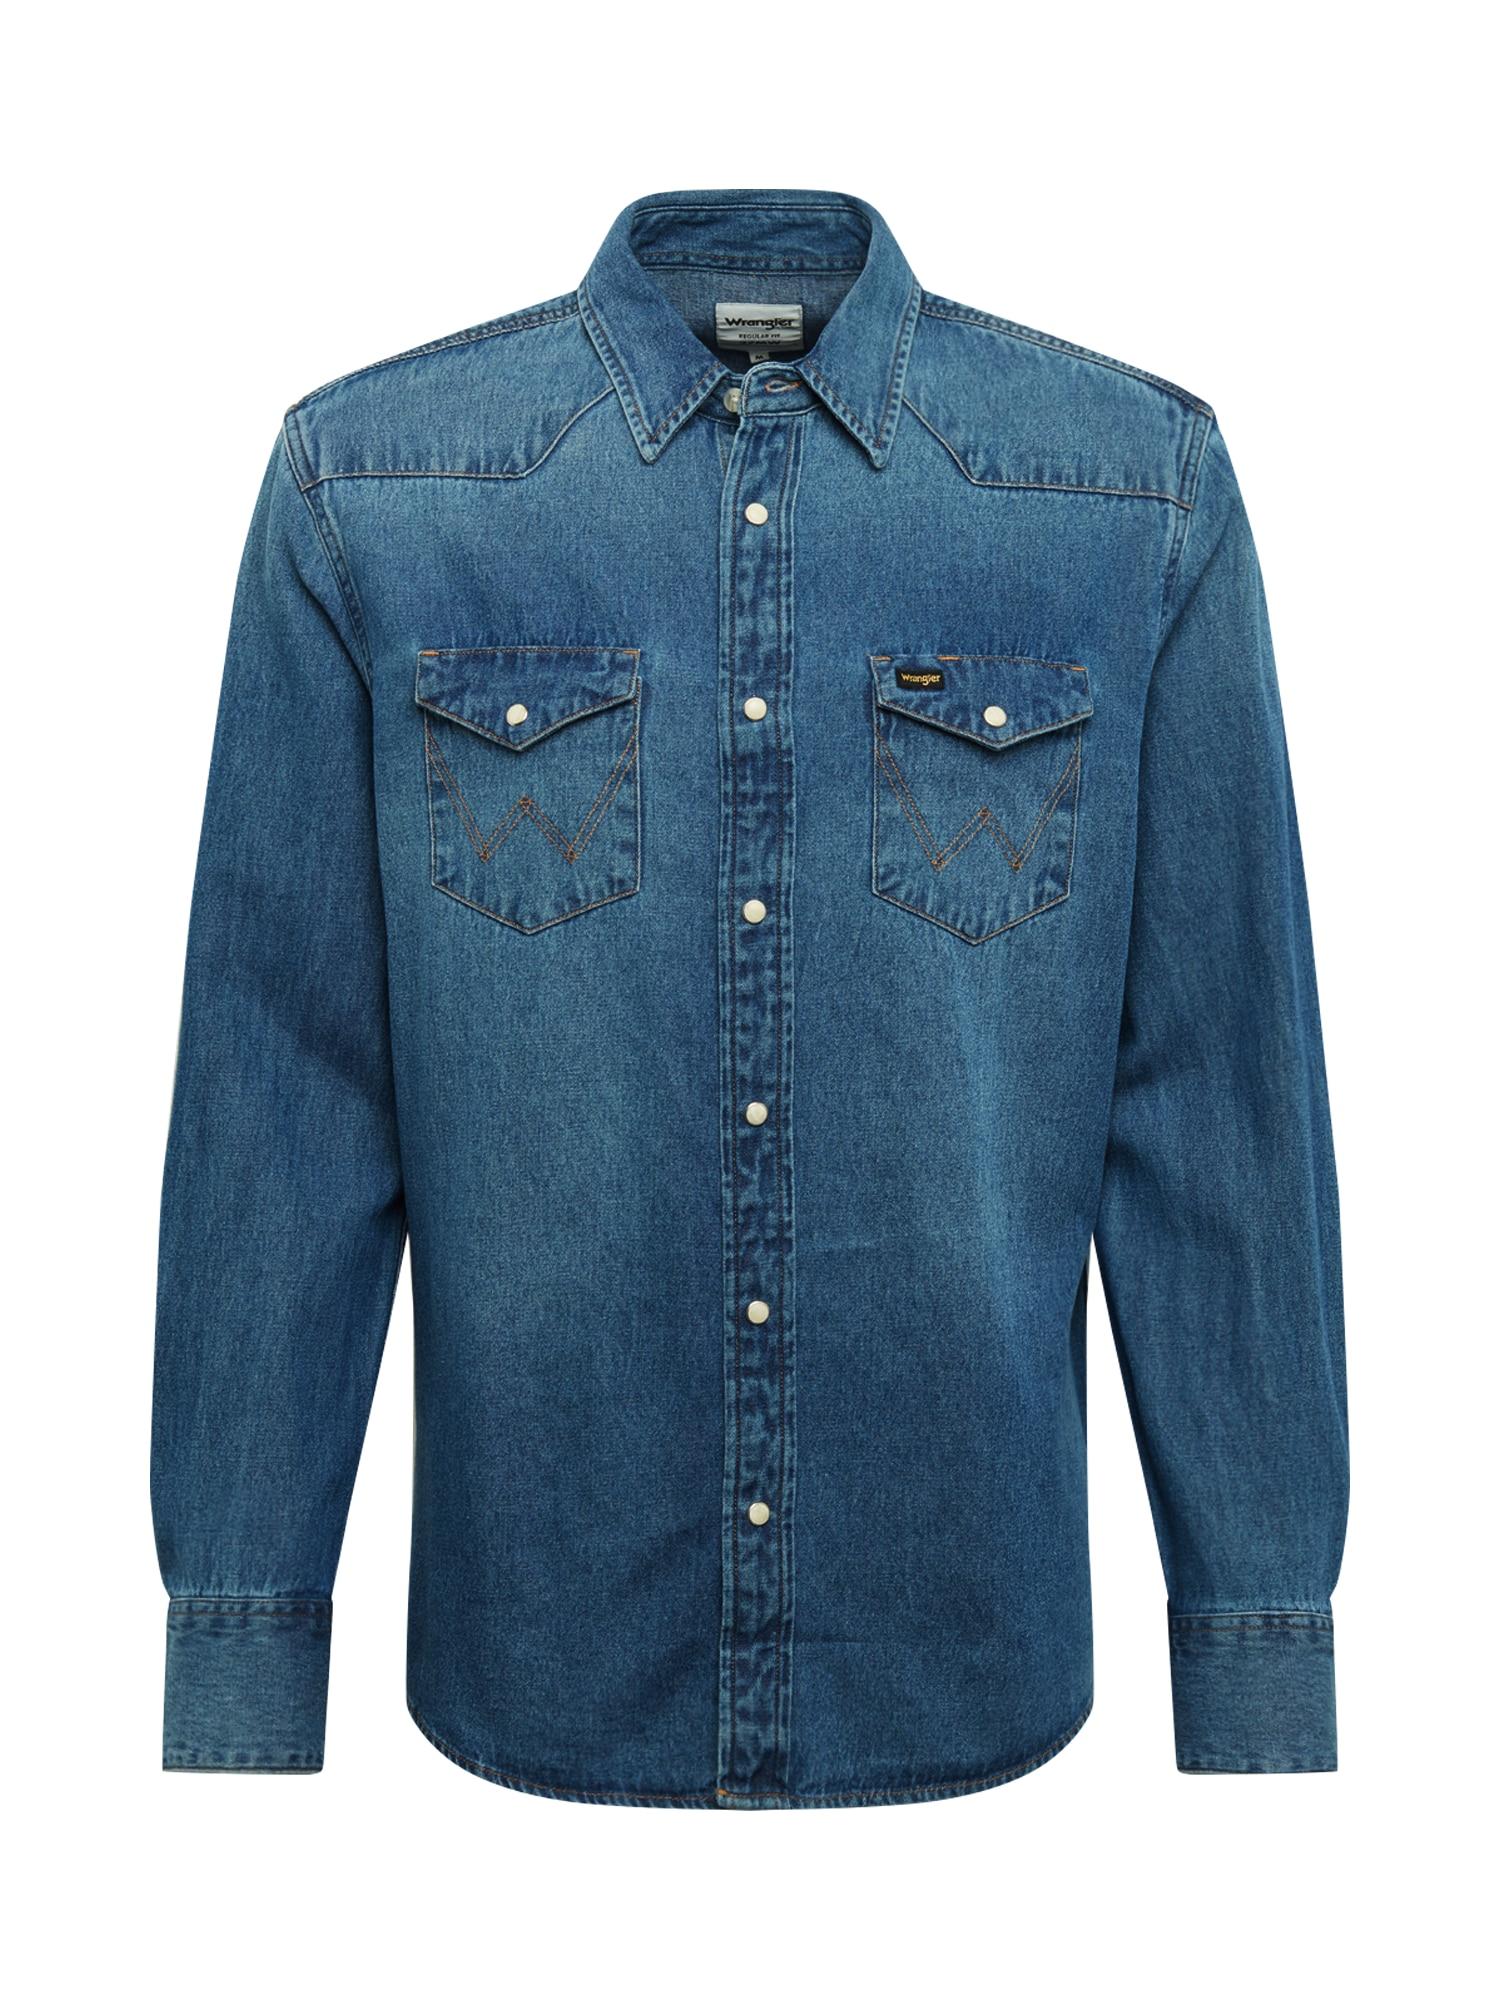 WRANGLER Marškiniai tamsiai (džinso) mėlyna